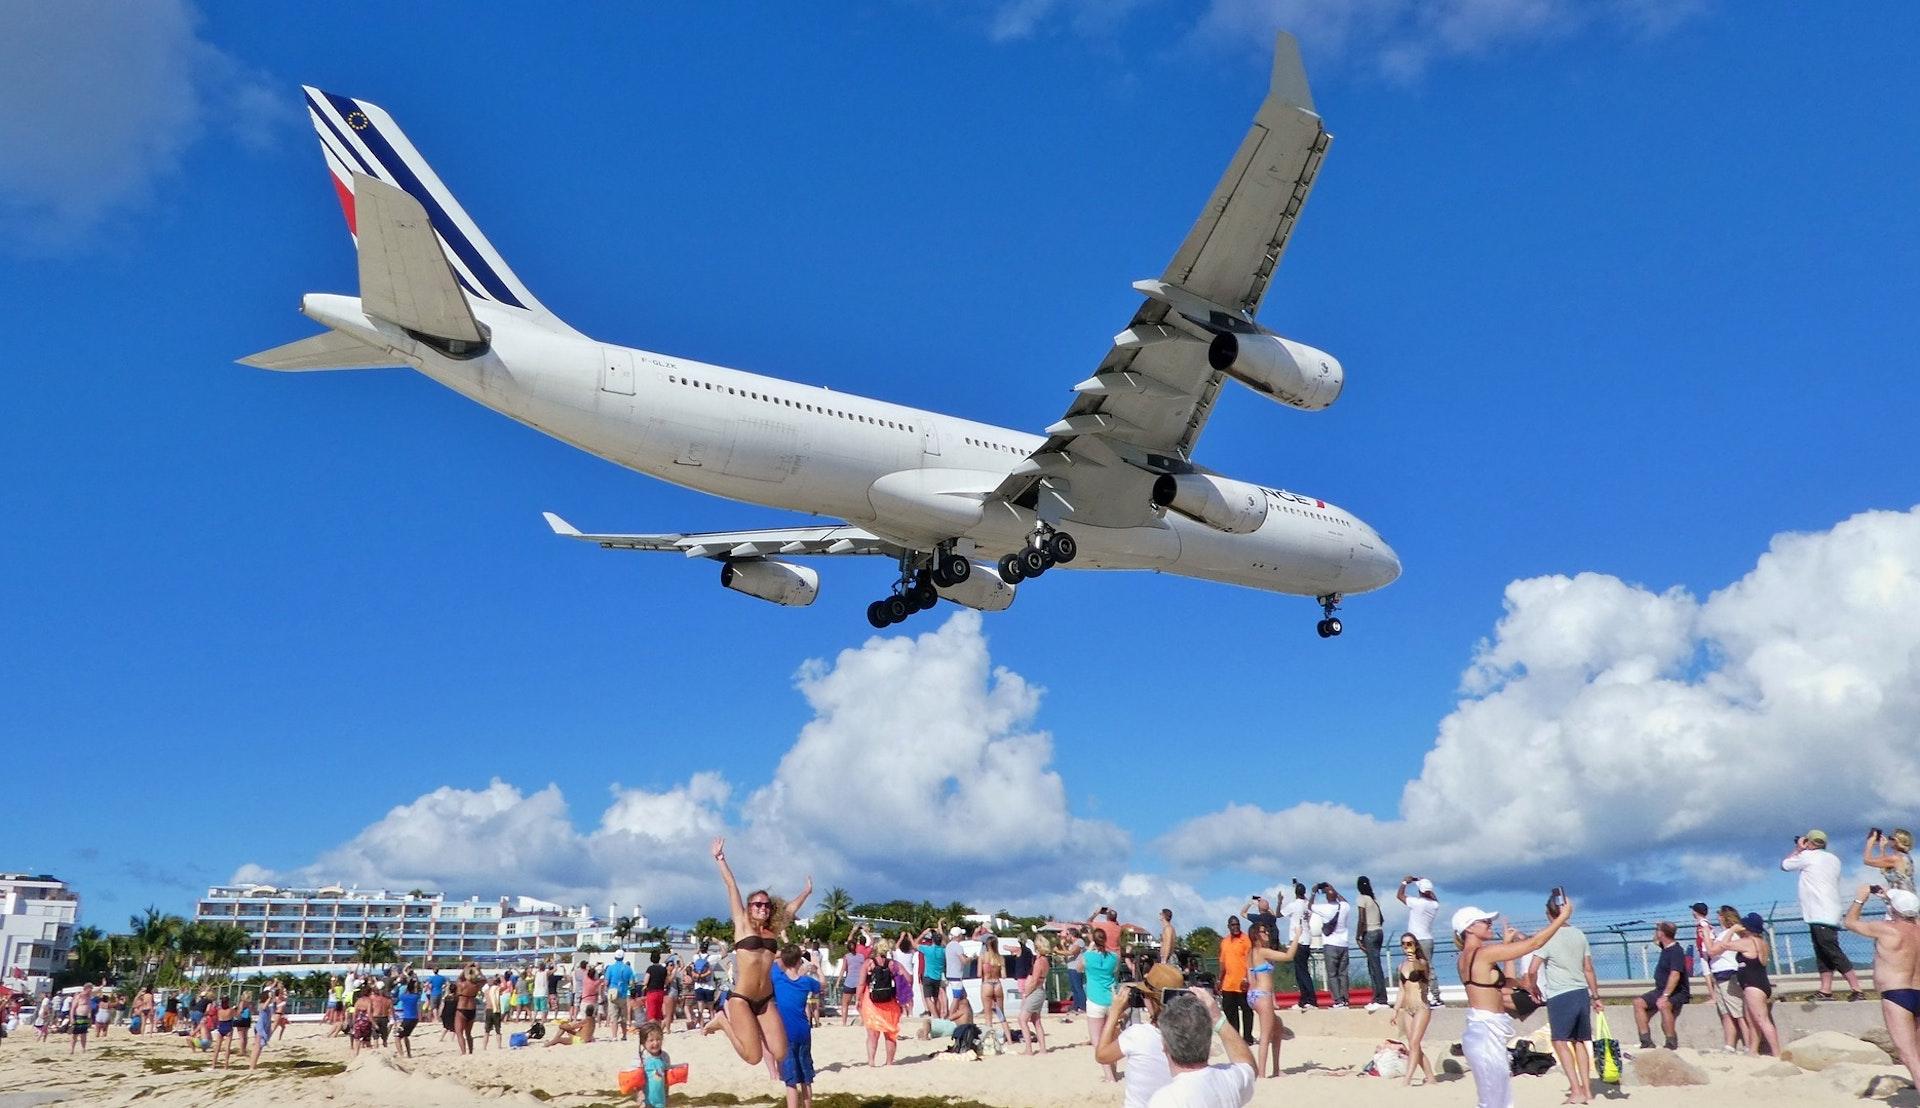 Air France A340 over Maho beach © neufal54, Pixabay